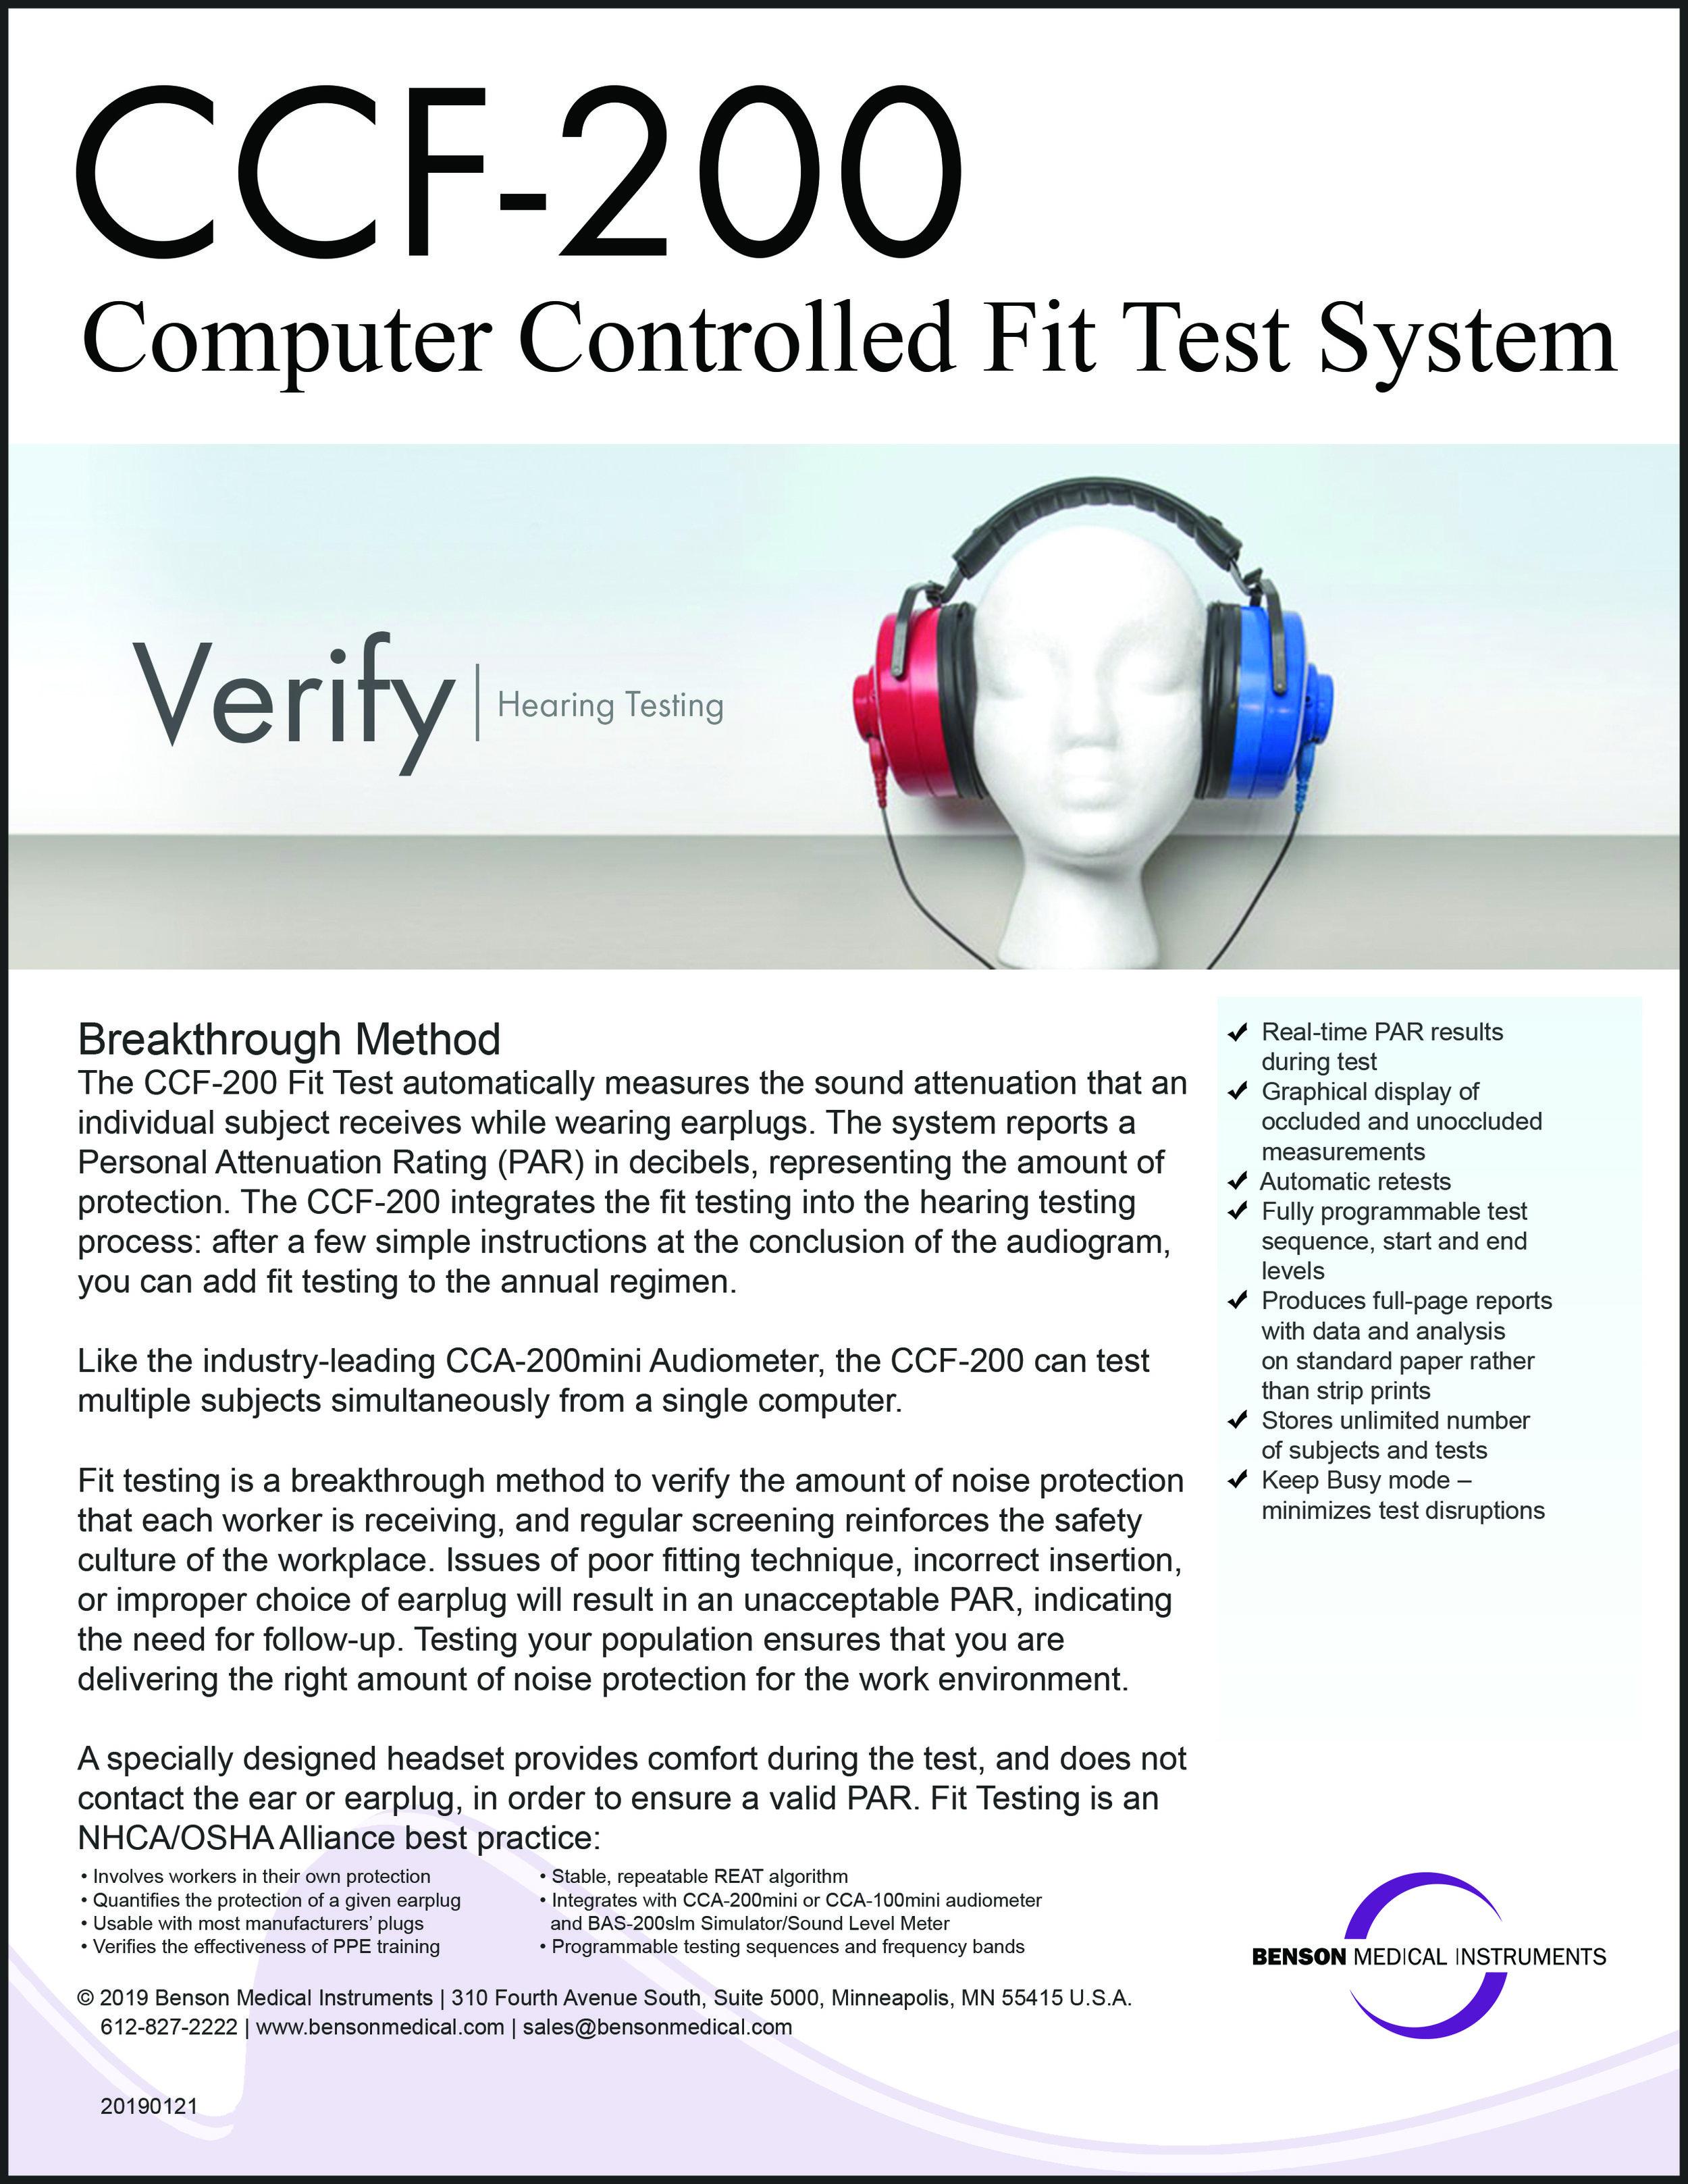 CCF-200 Brochure Image.jpg